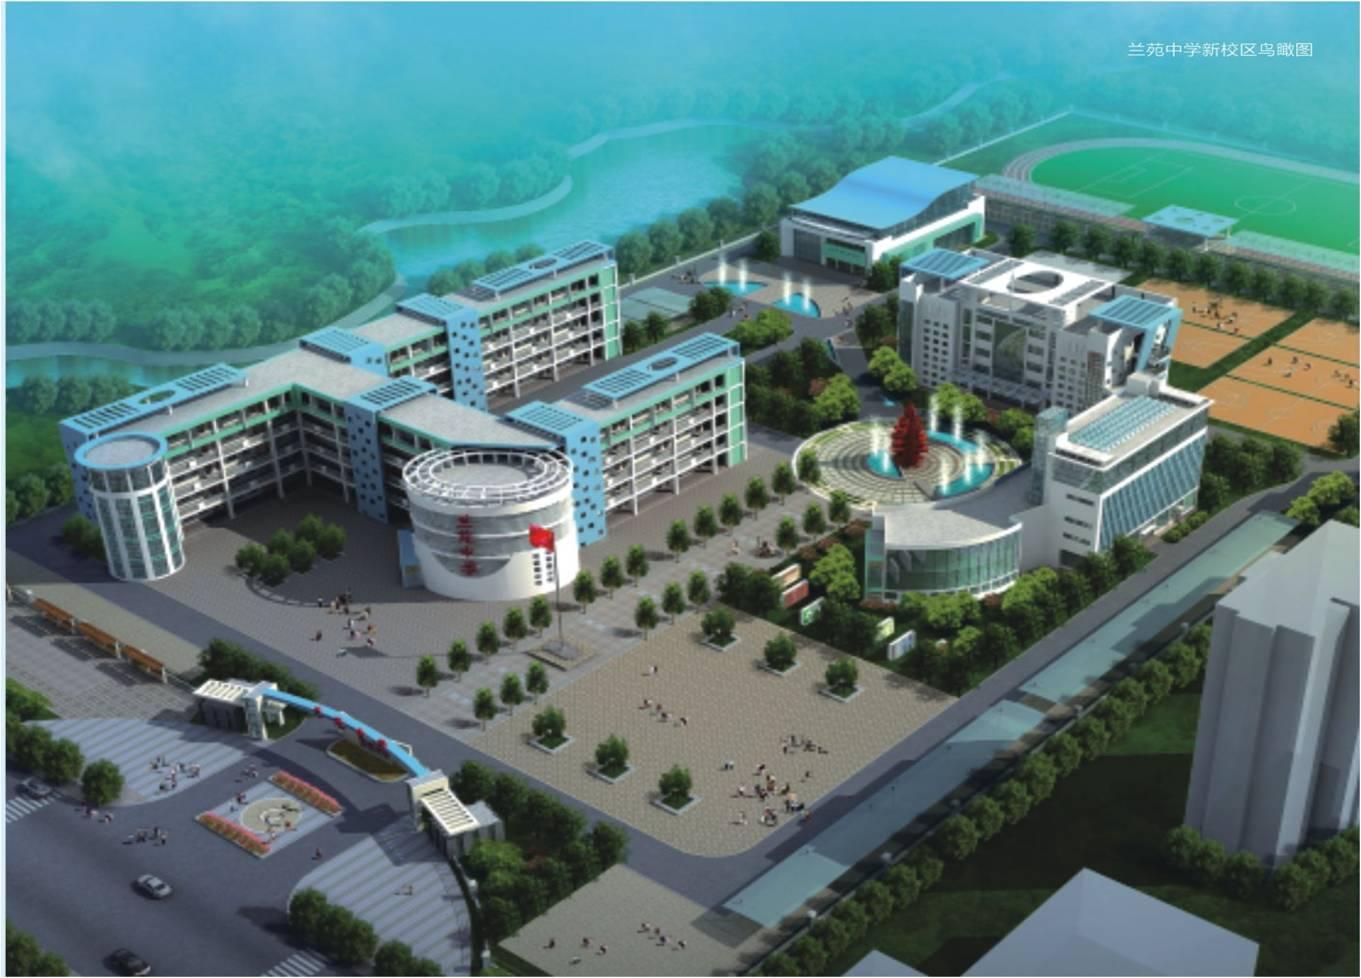 鹤壁市兰苑中学项目-建筑工程设计-鹤壁市规划建筑院